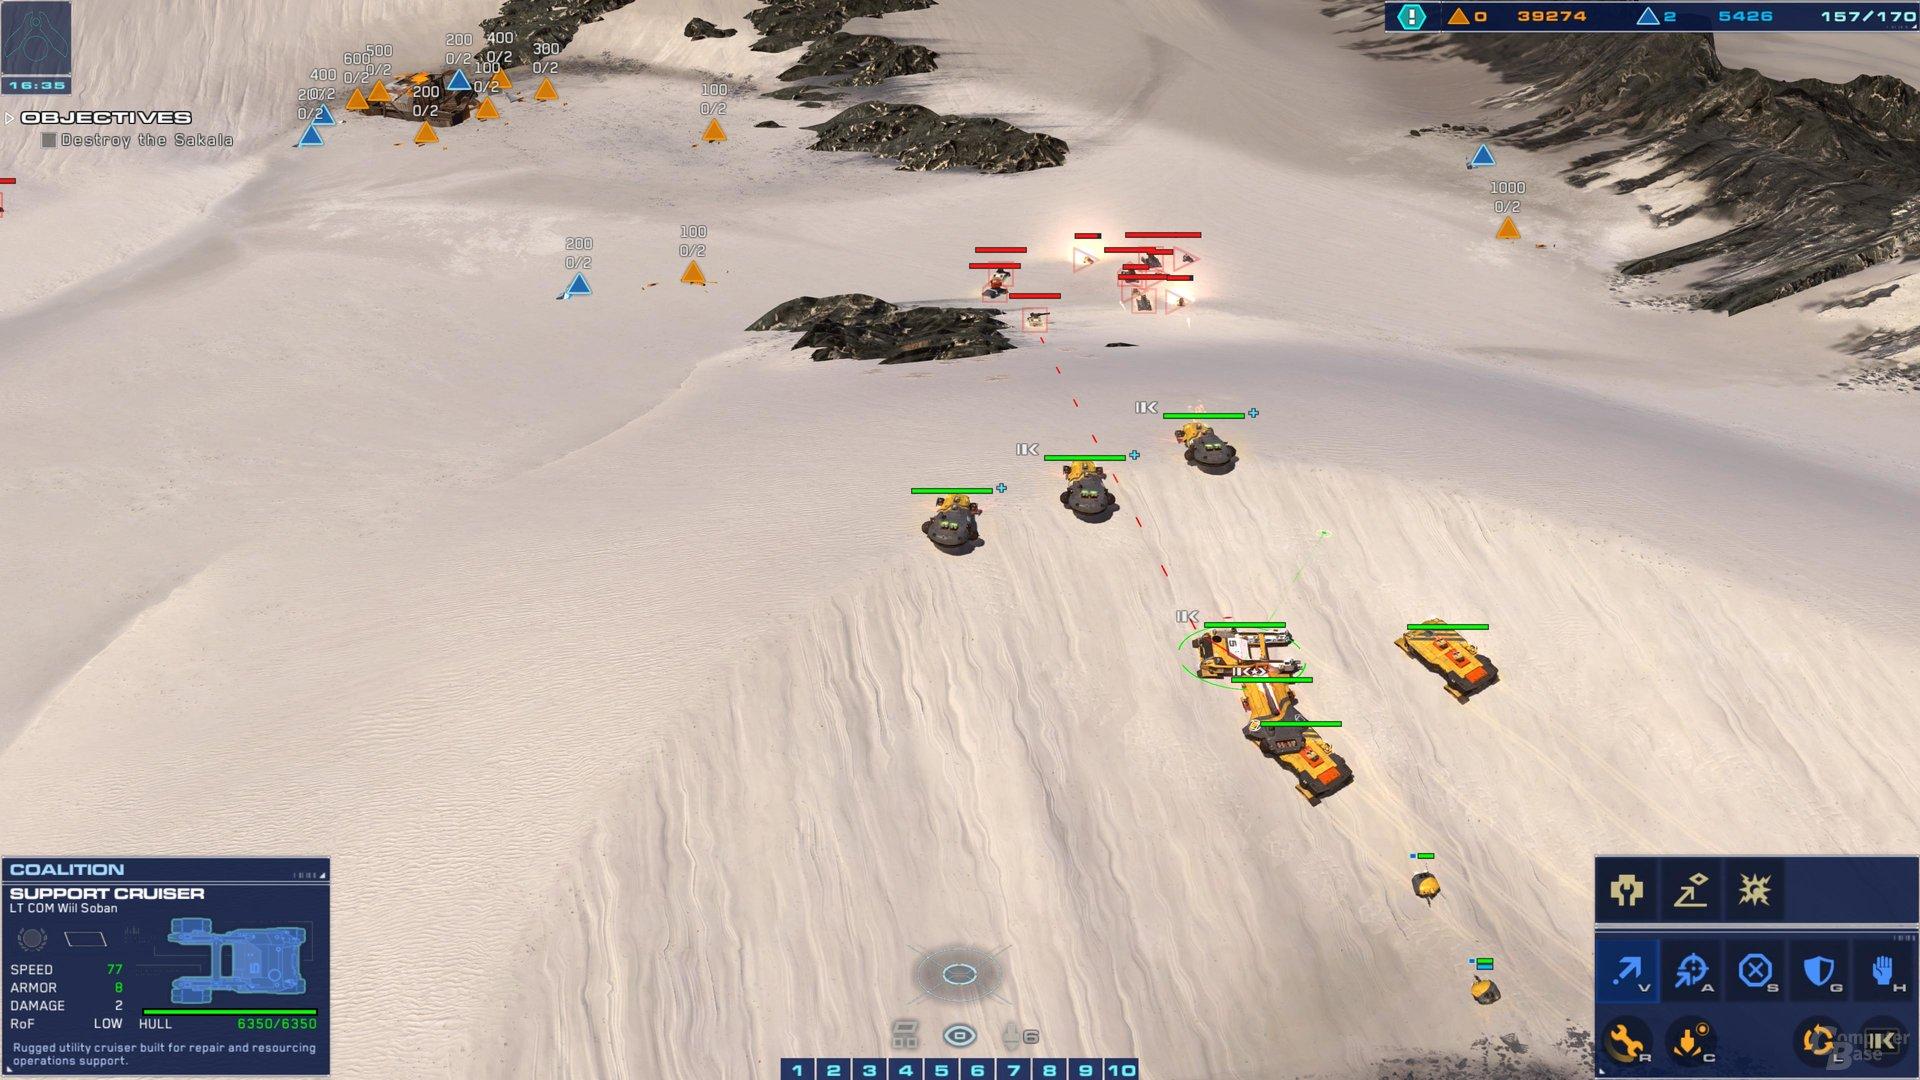 Truppen in Deckung hinter einer Düne